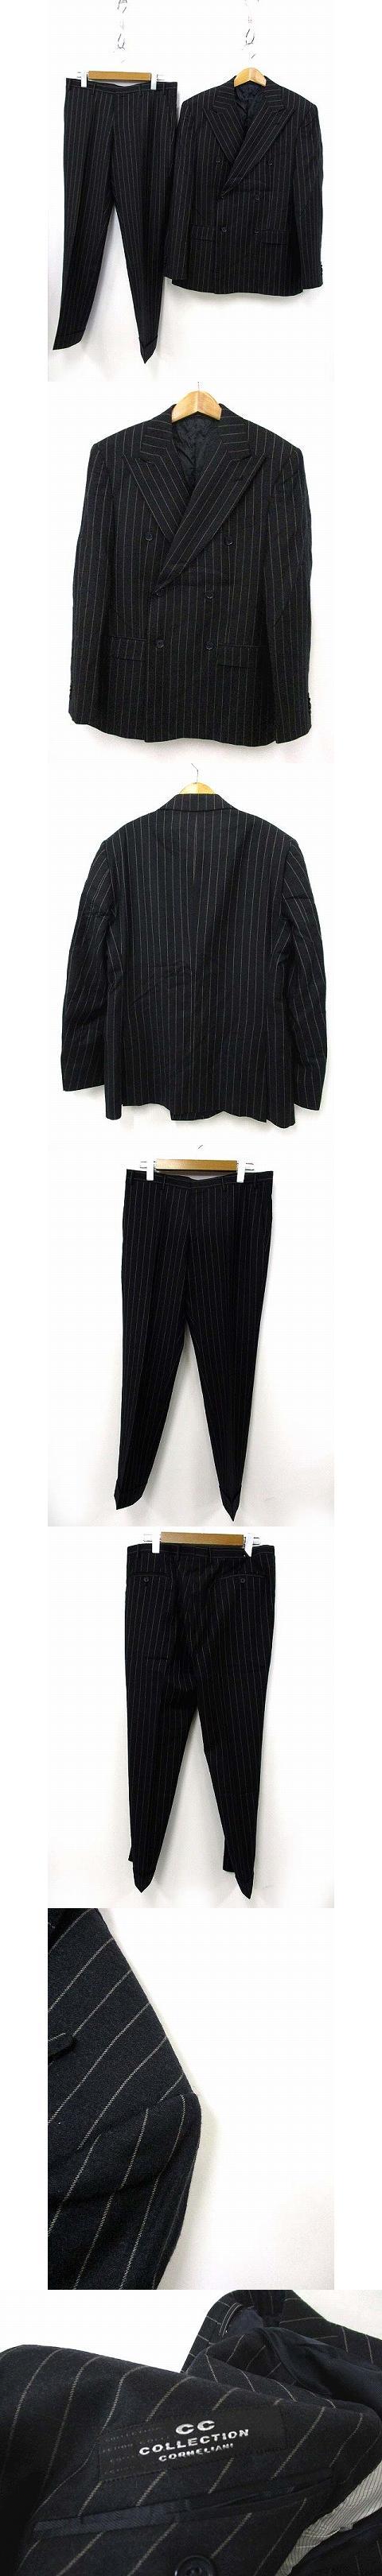 Cc Collection ストライプ スーツ セットアップ テーラード ジャケット スラックス パンツ ウール ブラック 黒 50 SSS2 190518MS14B